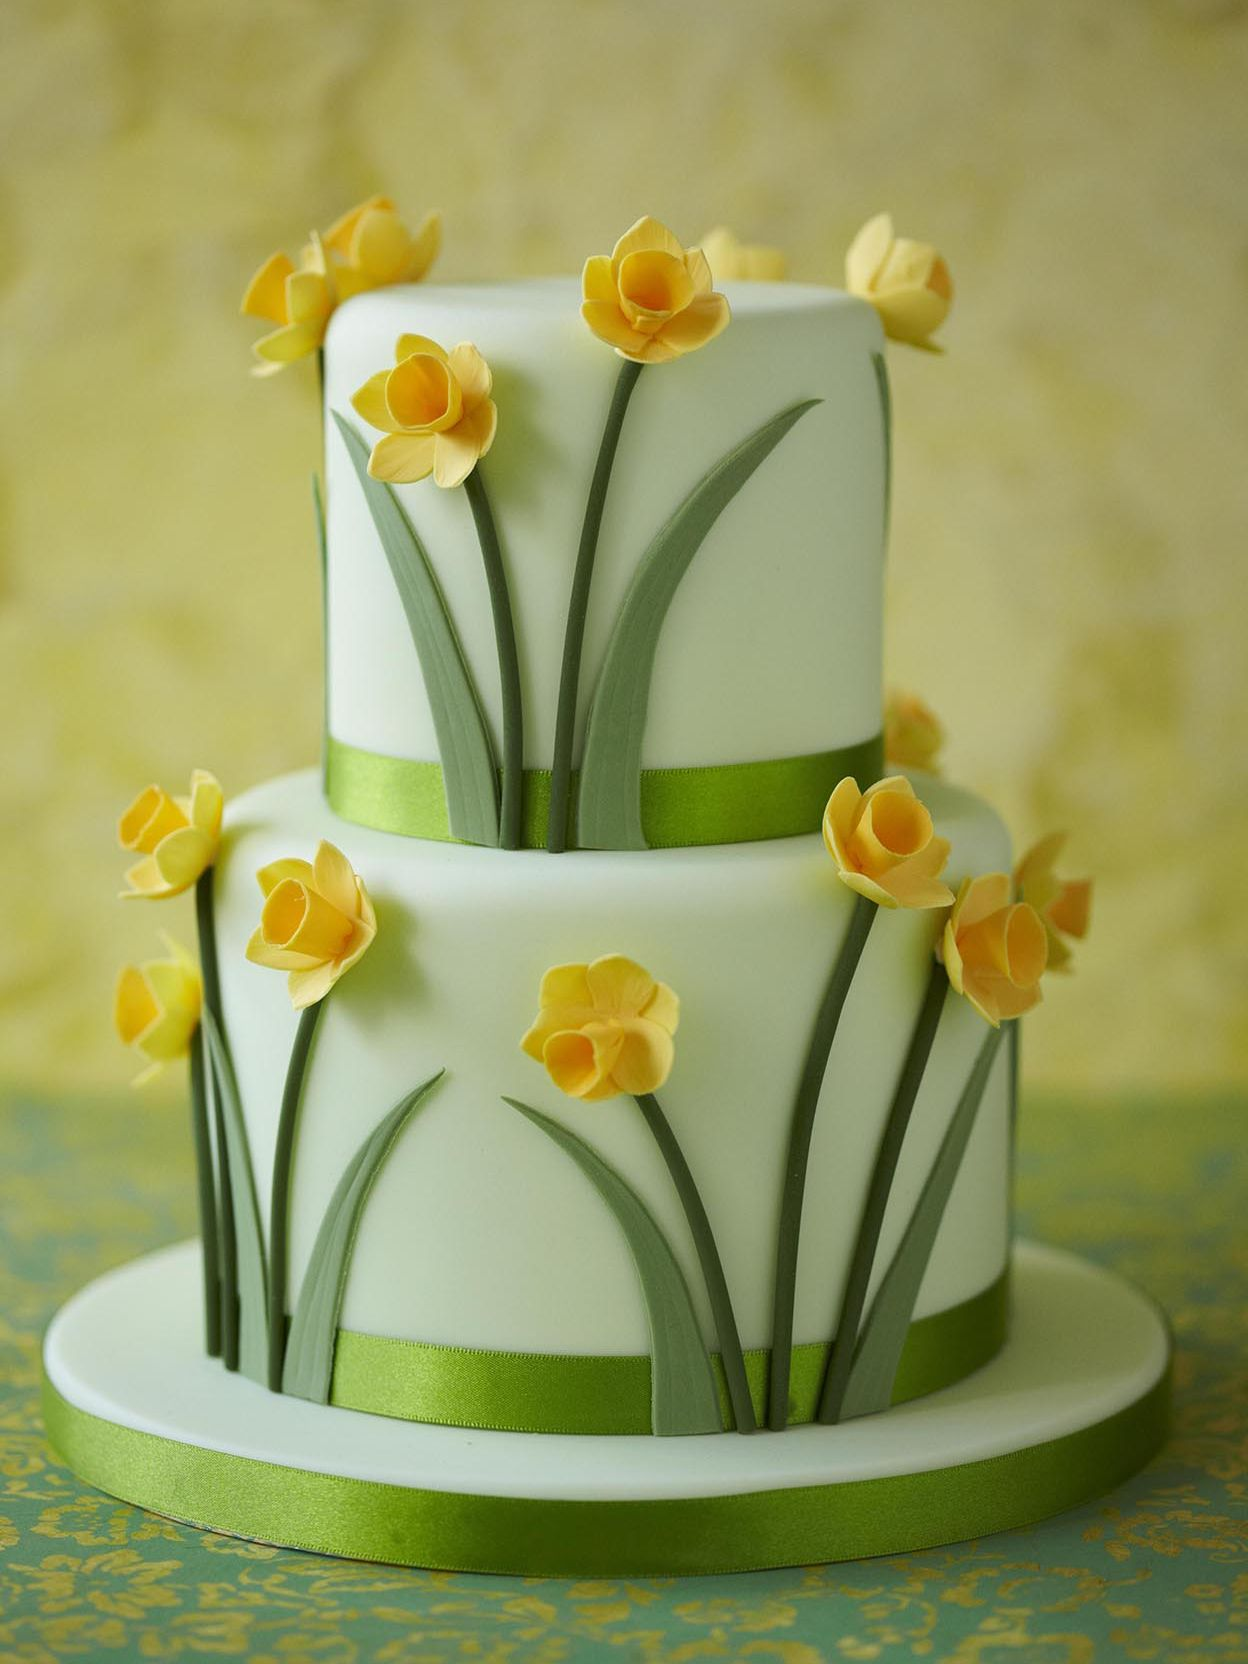 Birthday Cakes Award winning Celebration Cakes Sunshine Coast